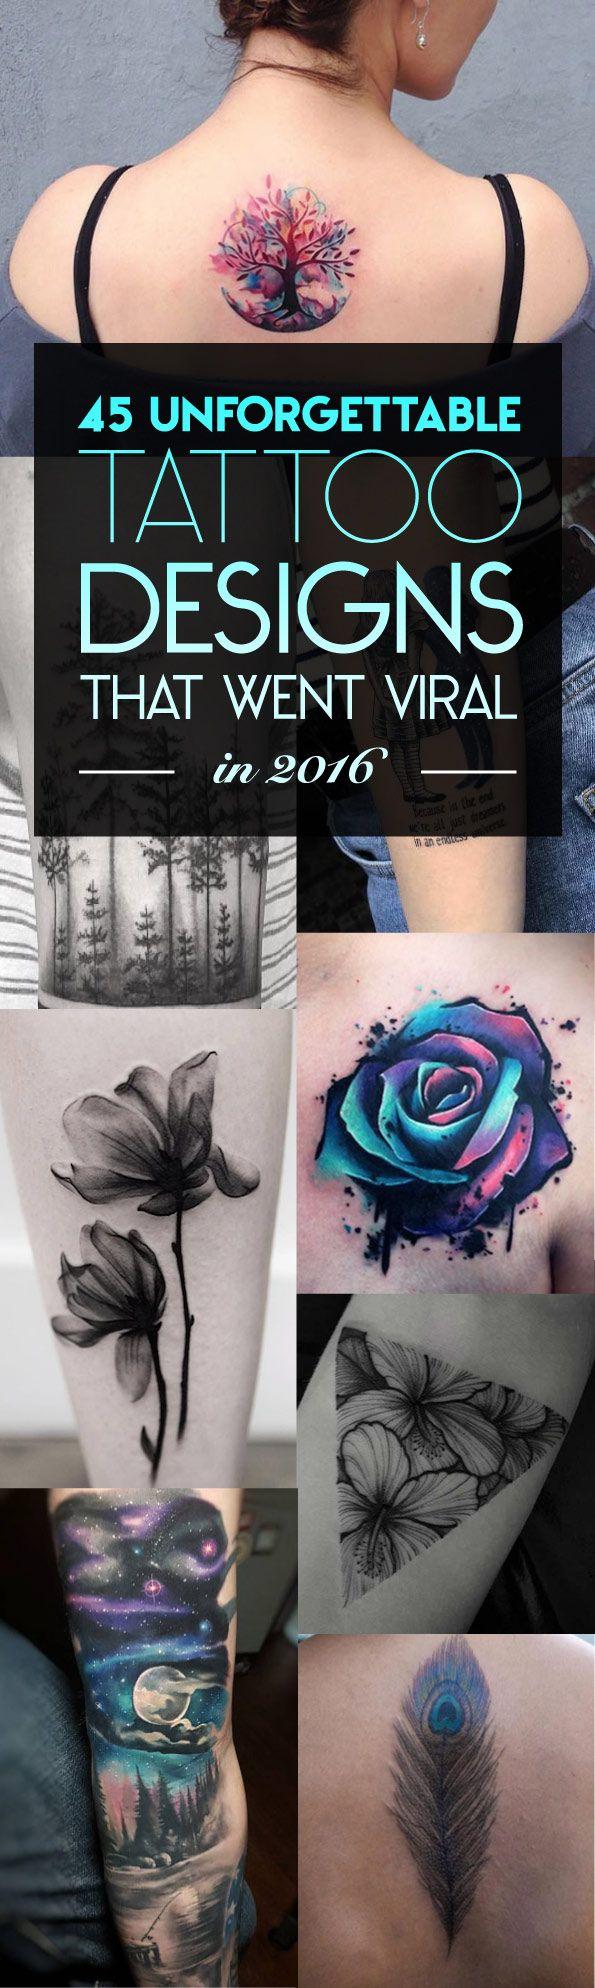 45 Unforgettable Tattoo Designs That Went Viral in 2016   TattooBlend